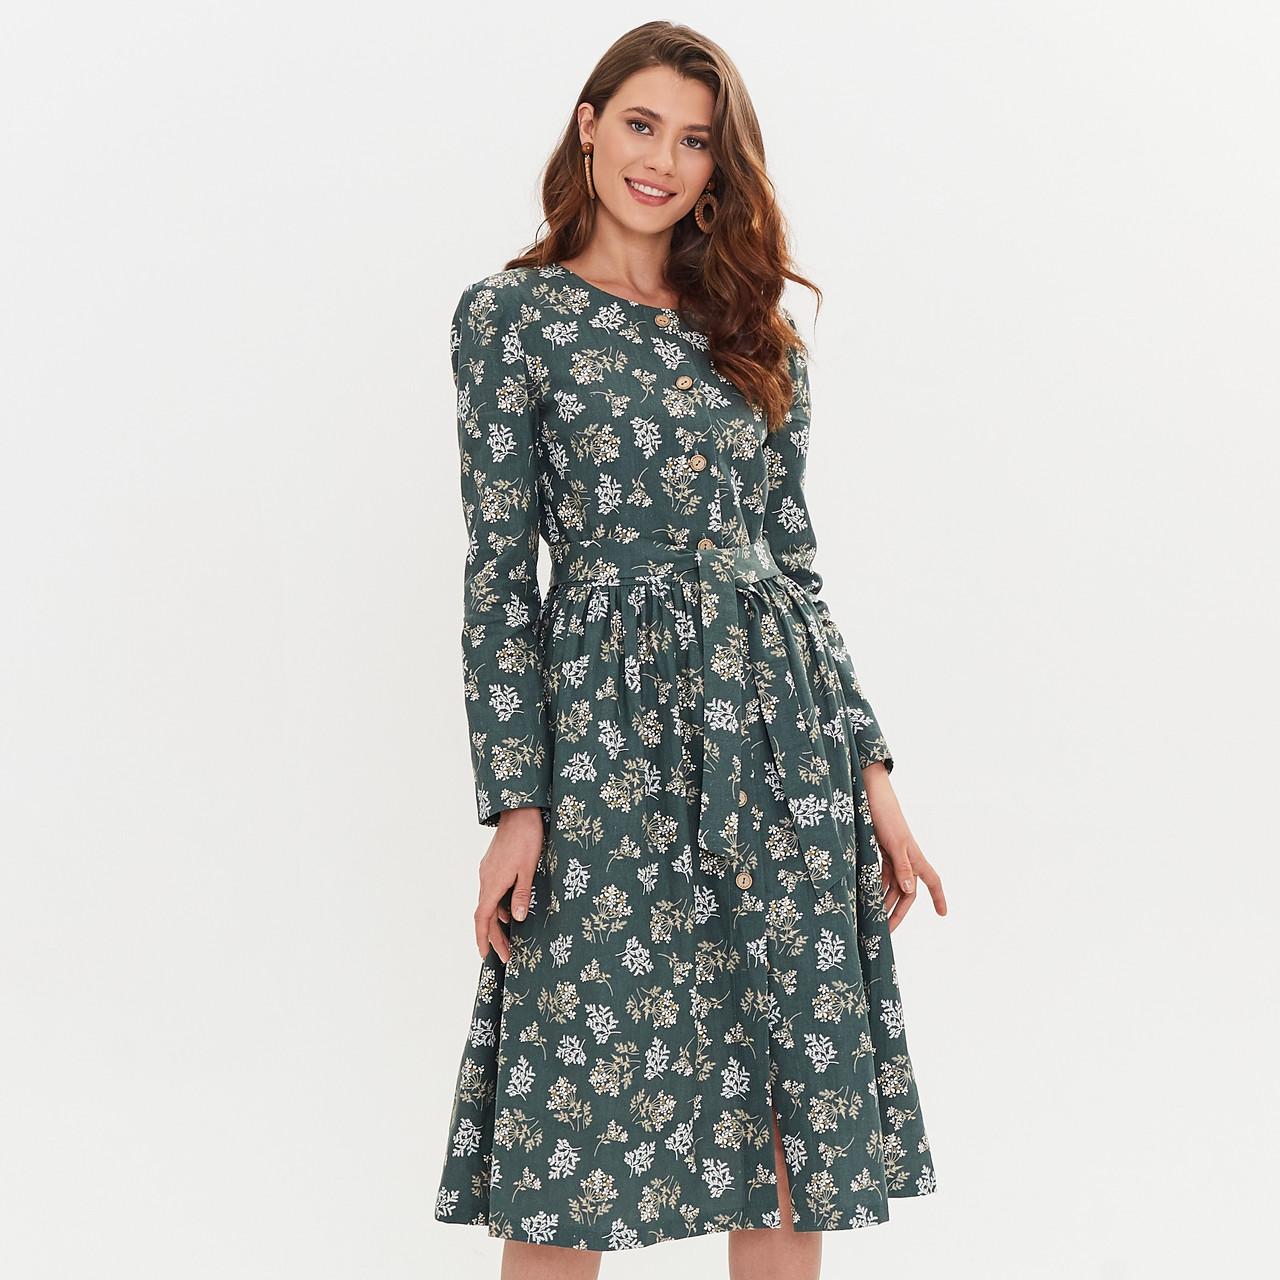 Льняное платье-халат зеленого цвета с растительным принтом. - фото 4